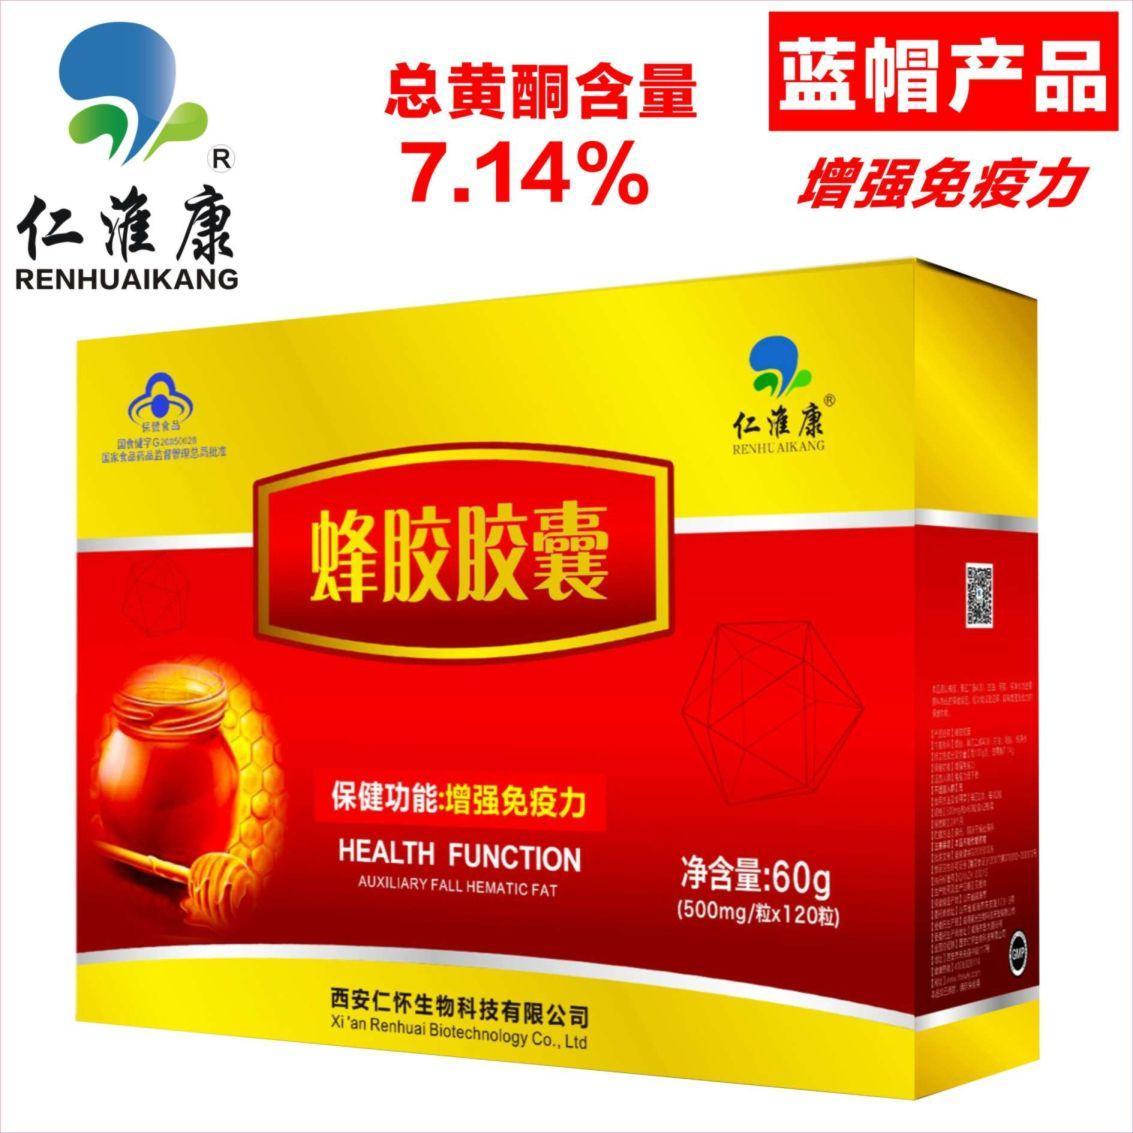 仁淮康 蜂胶胶囊全国招商 西安仁怀生物科技